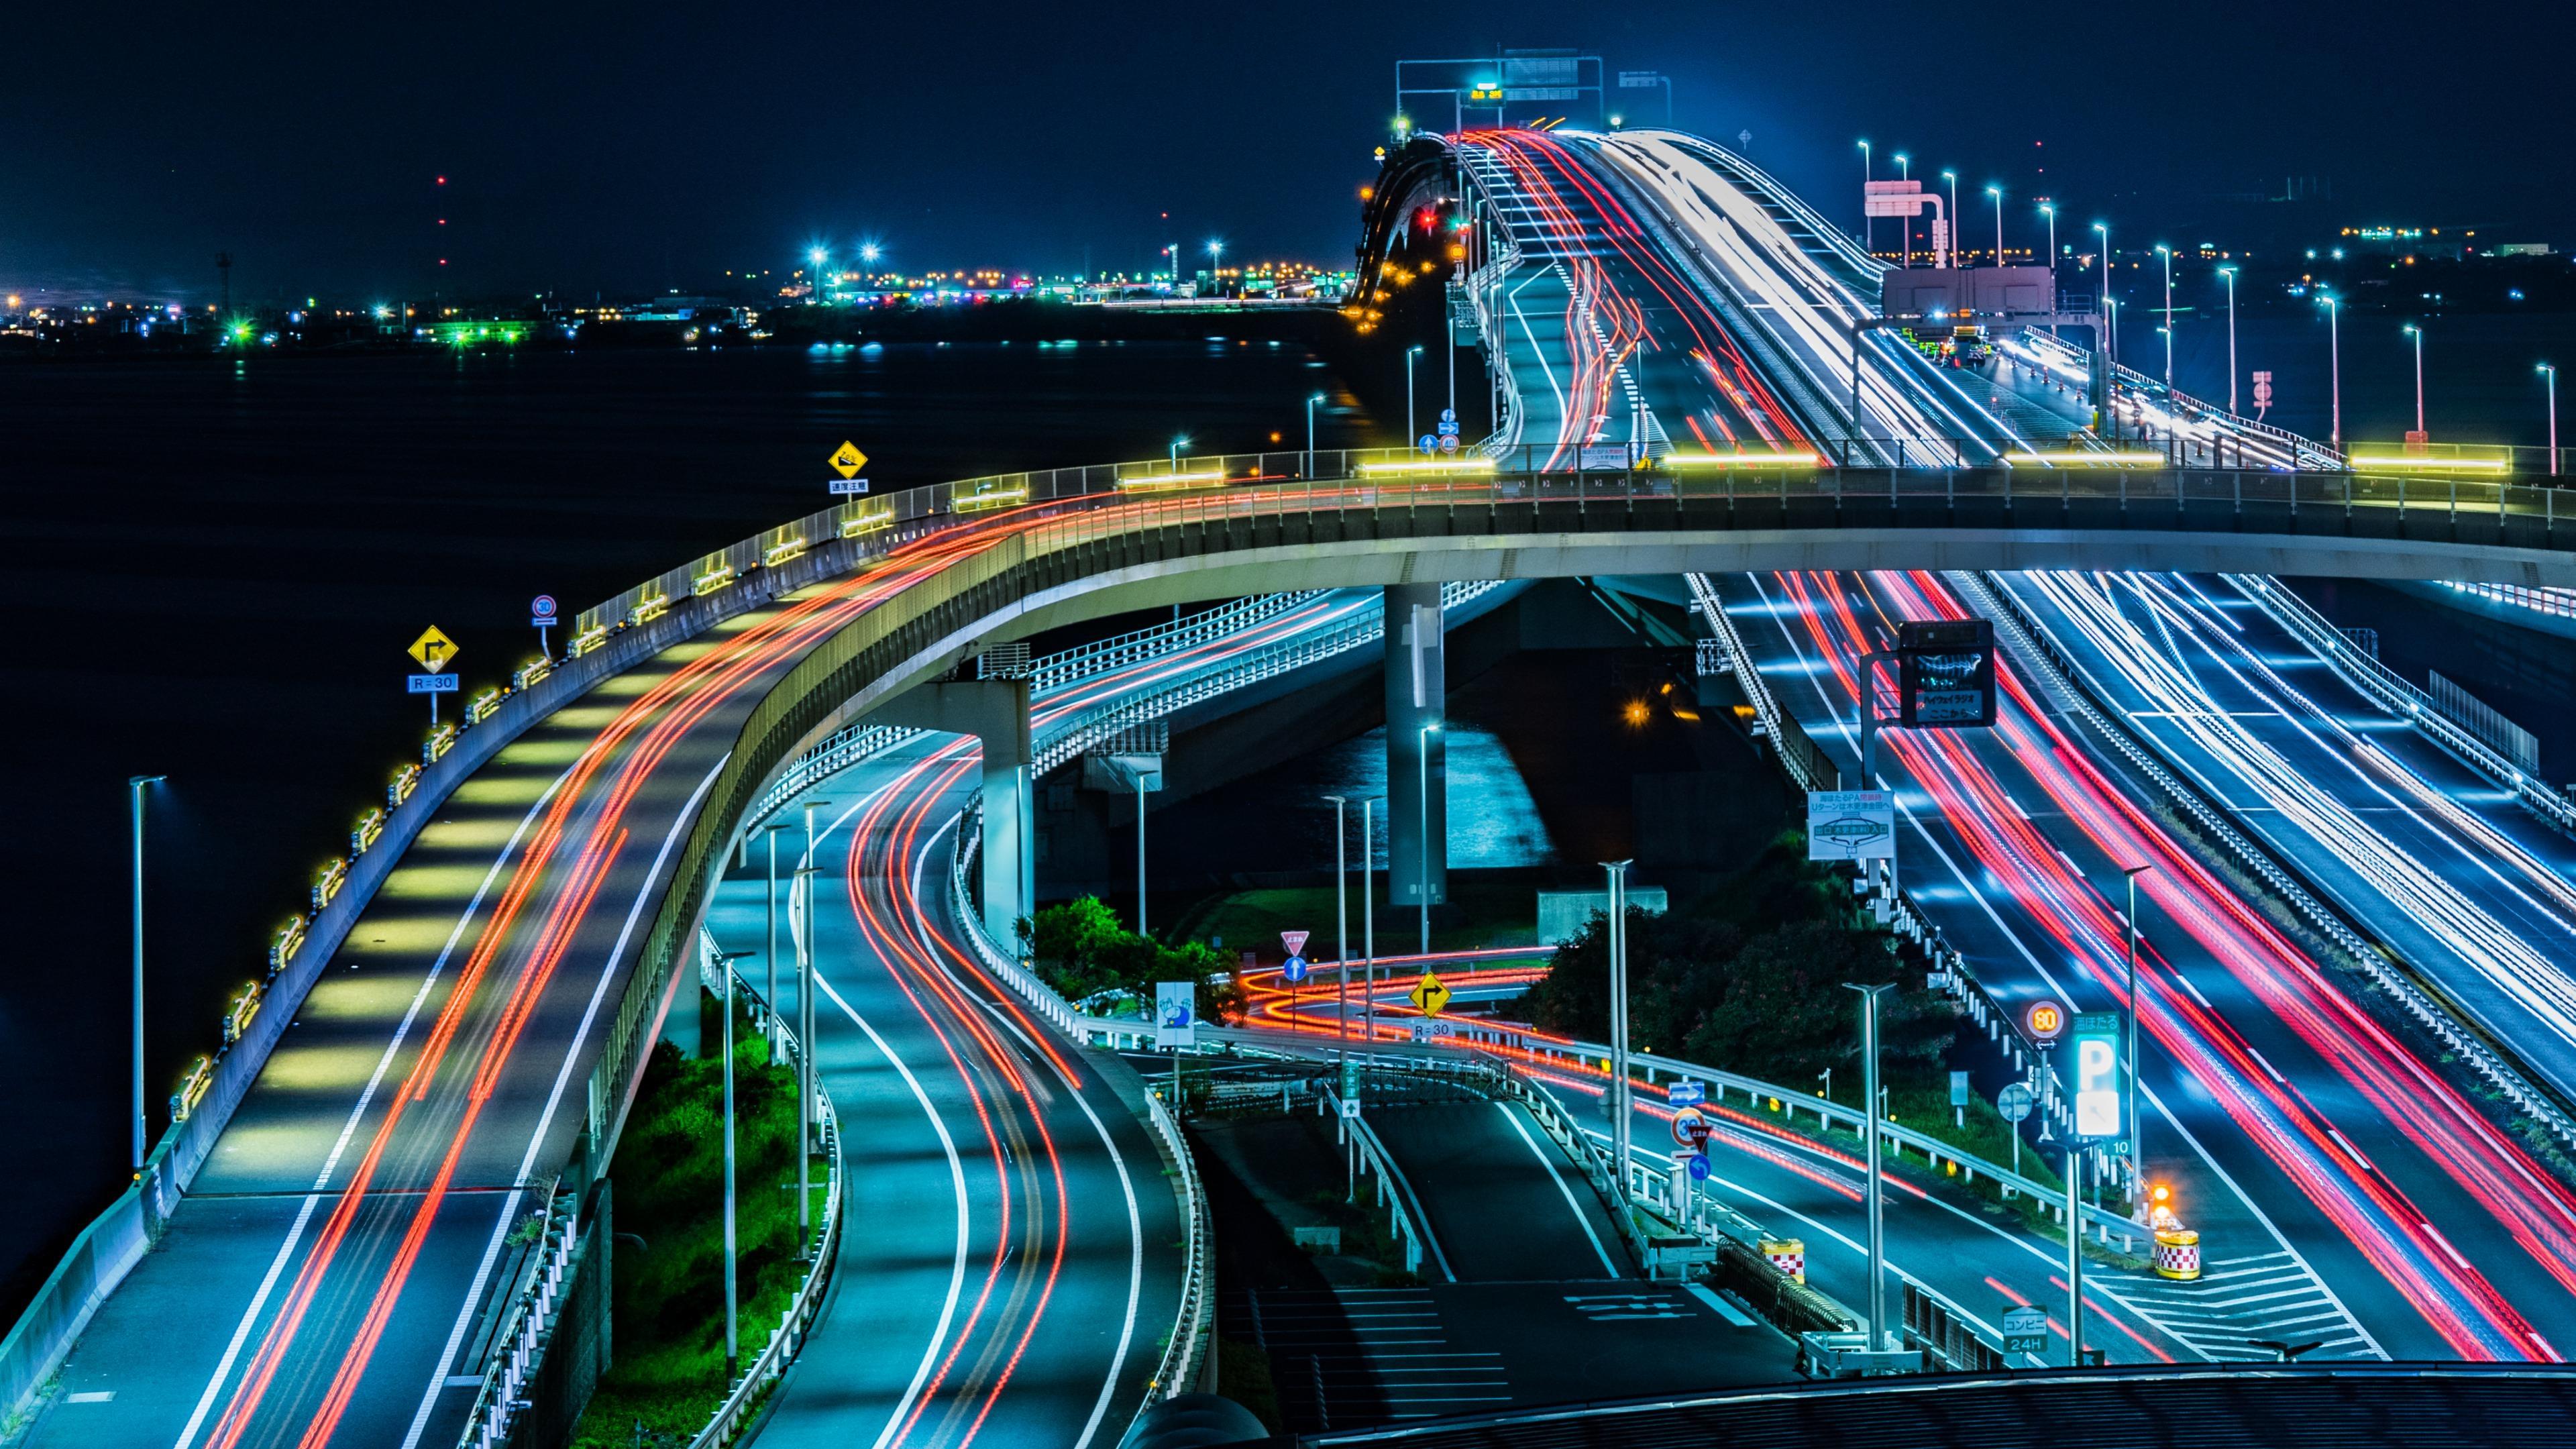 Tokyo Bay Aqua-Line Light Trails wallpaper